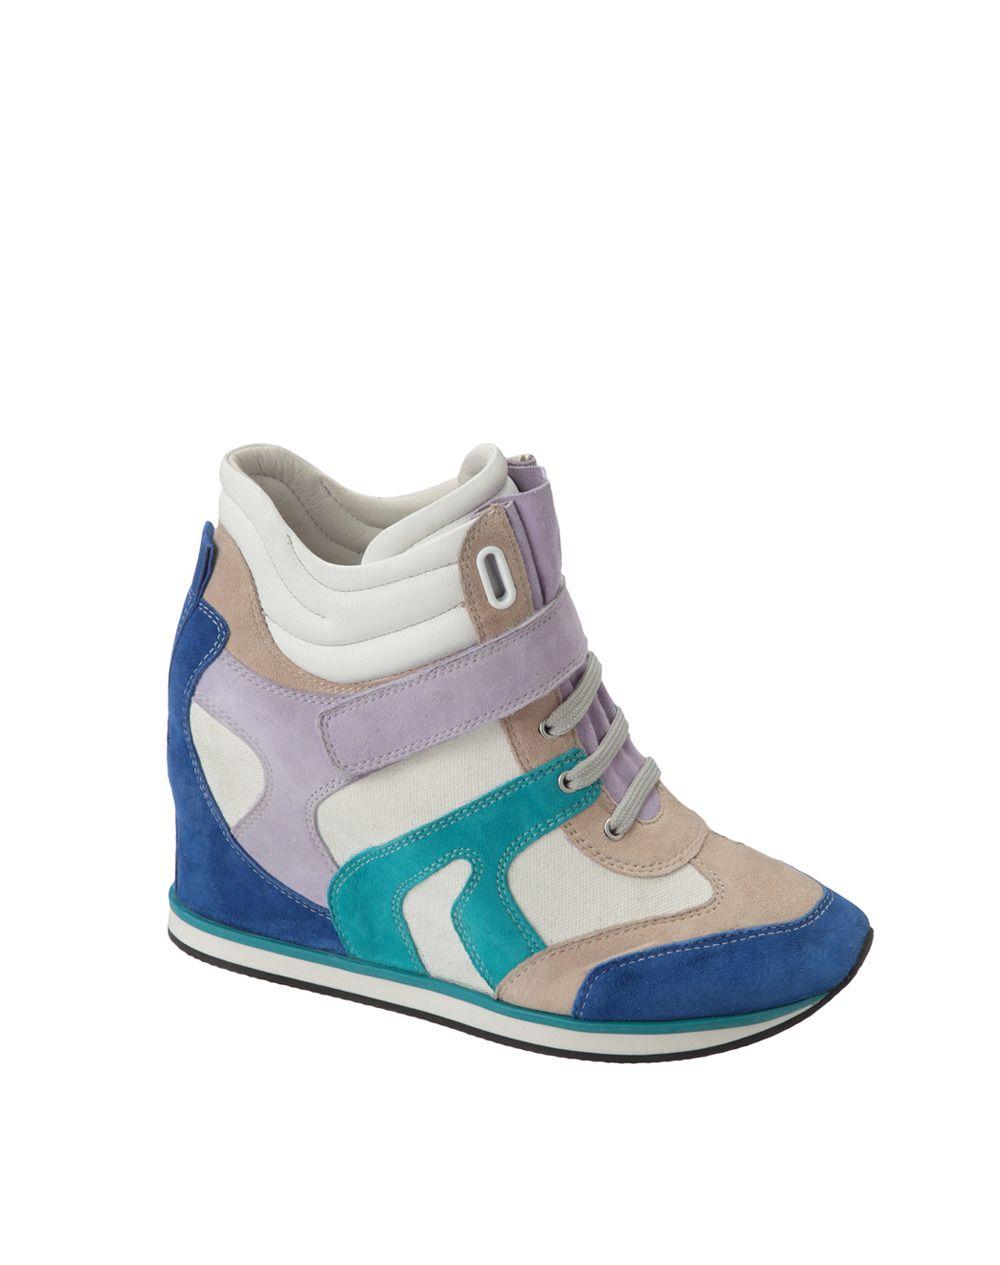 8dae1eb34b4 Zapatillas deportivas de mujer Geox - Mujer - Zapatos - El Corte Inglés -  Moda